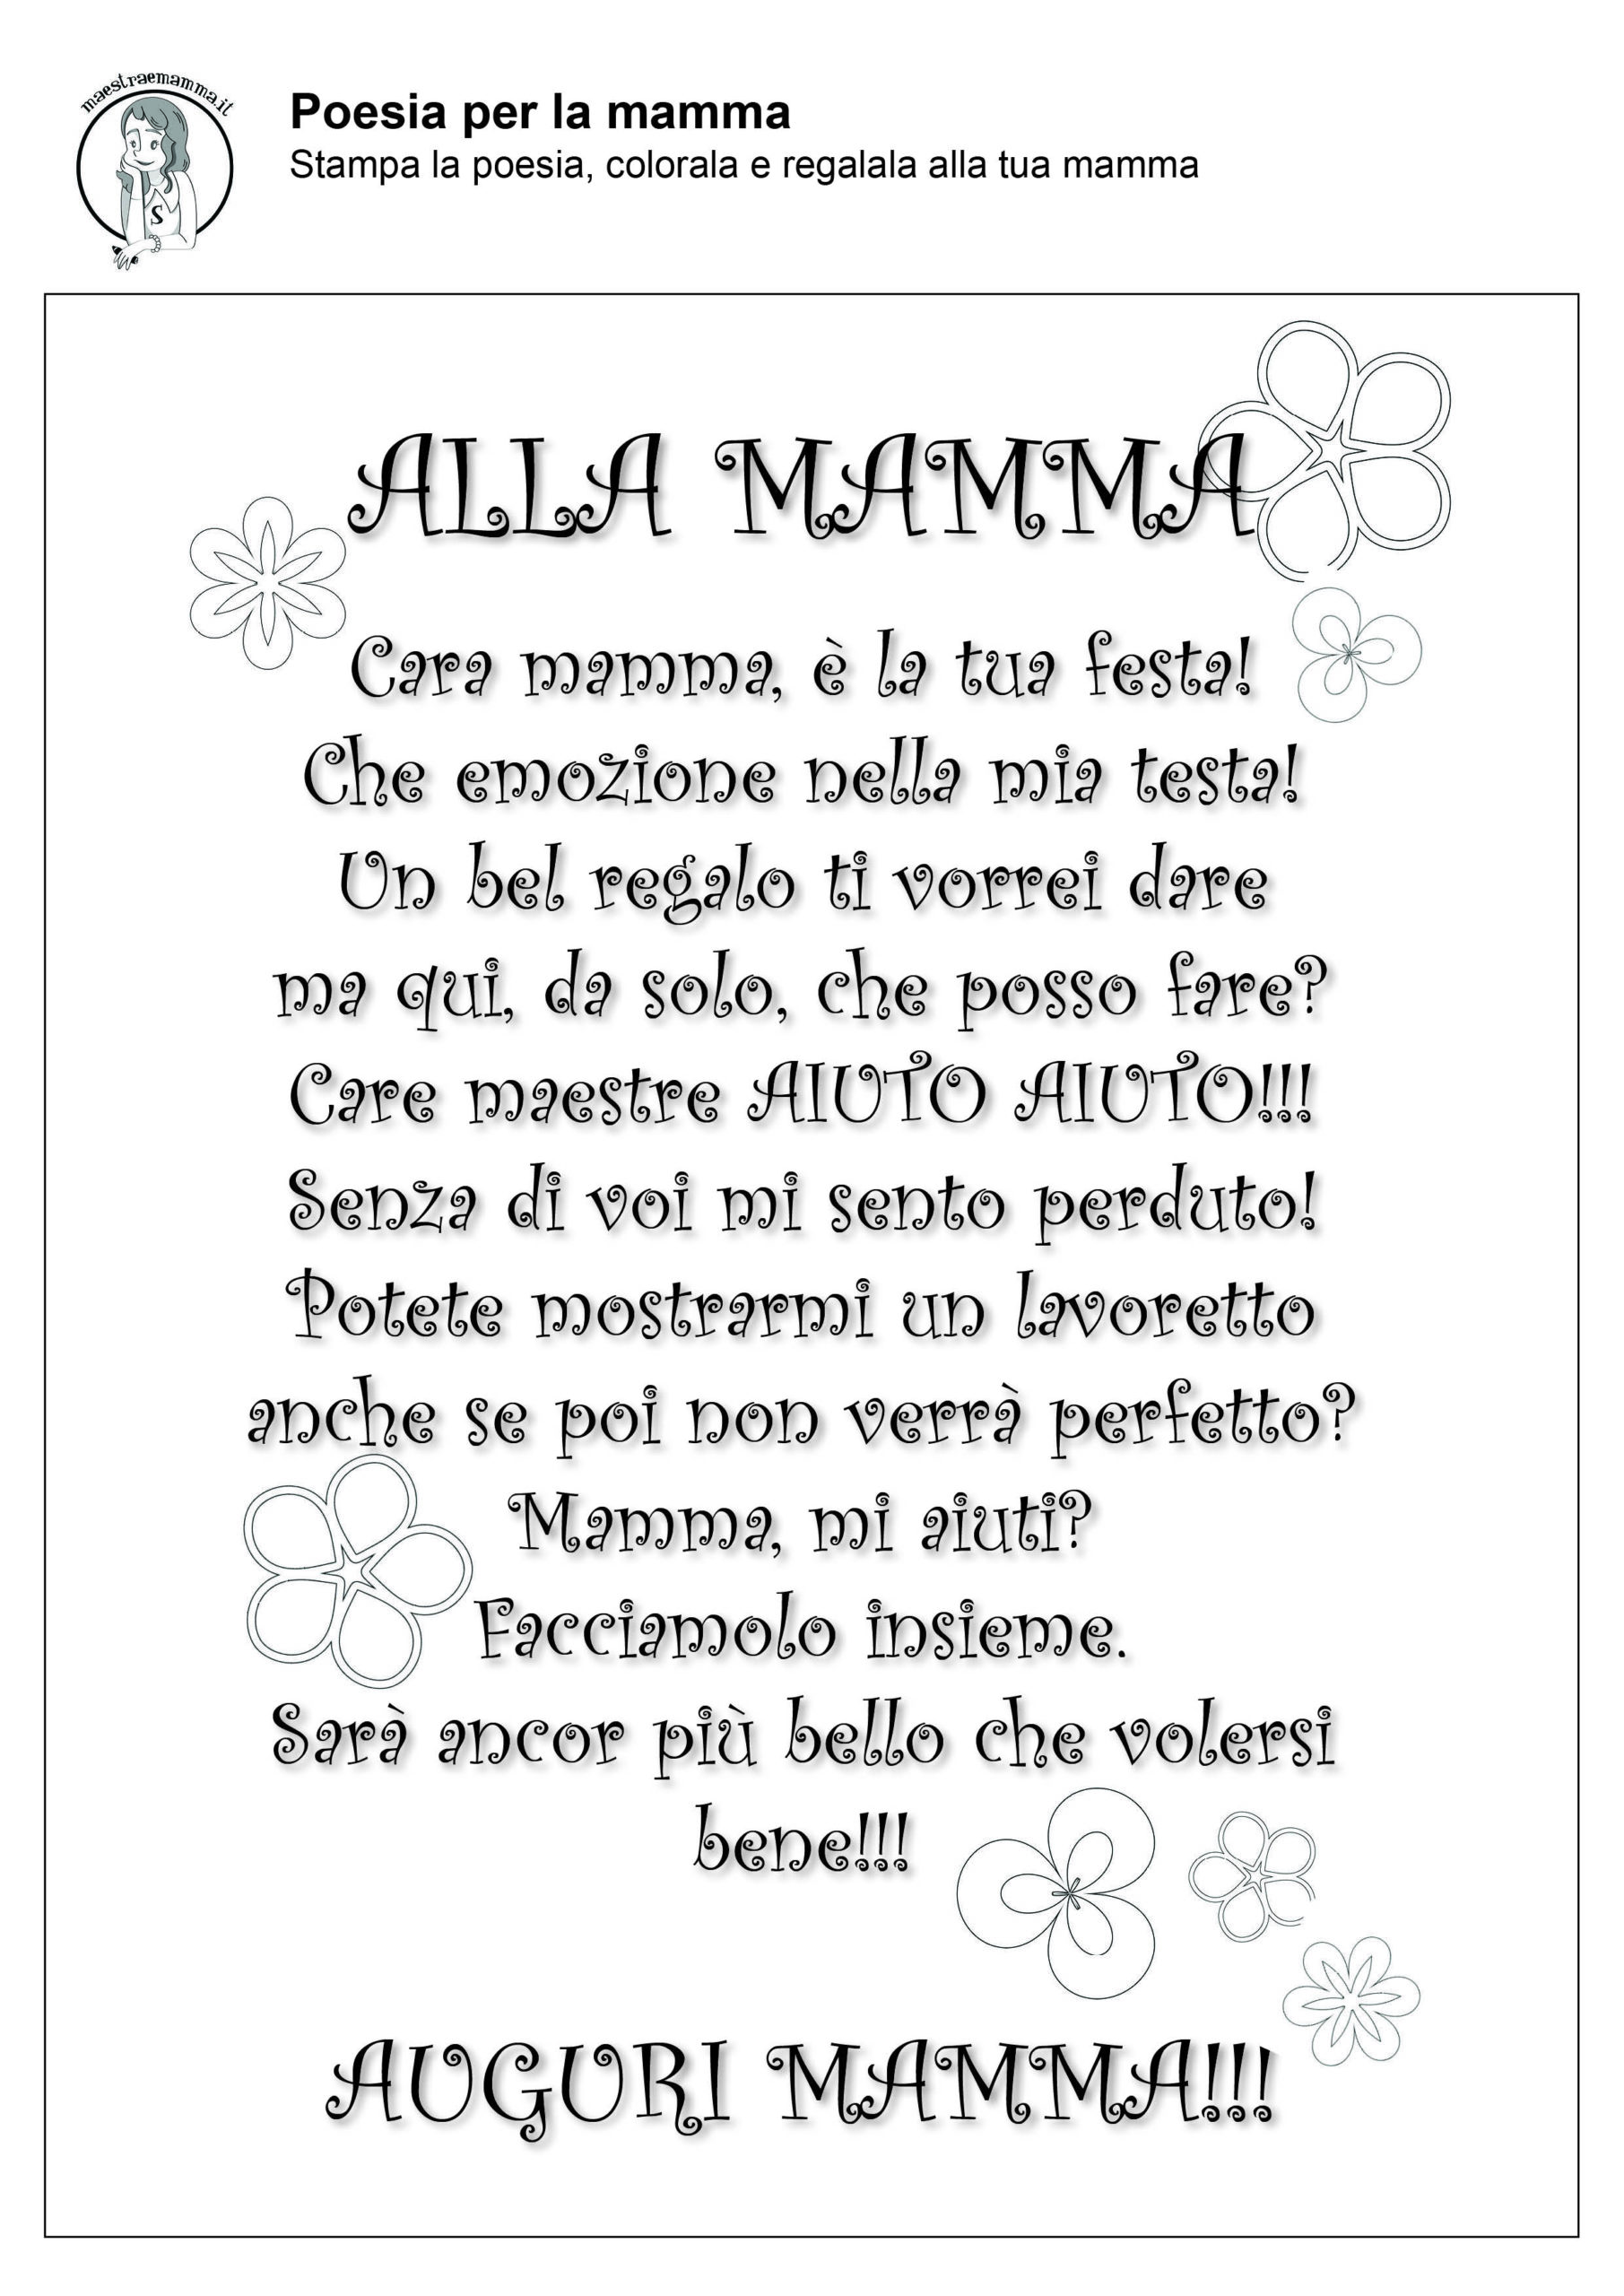 alla mamma-poesia-filastrocca-festa-della-mamma-in-quarantena-coronavirus-in bianco e nero